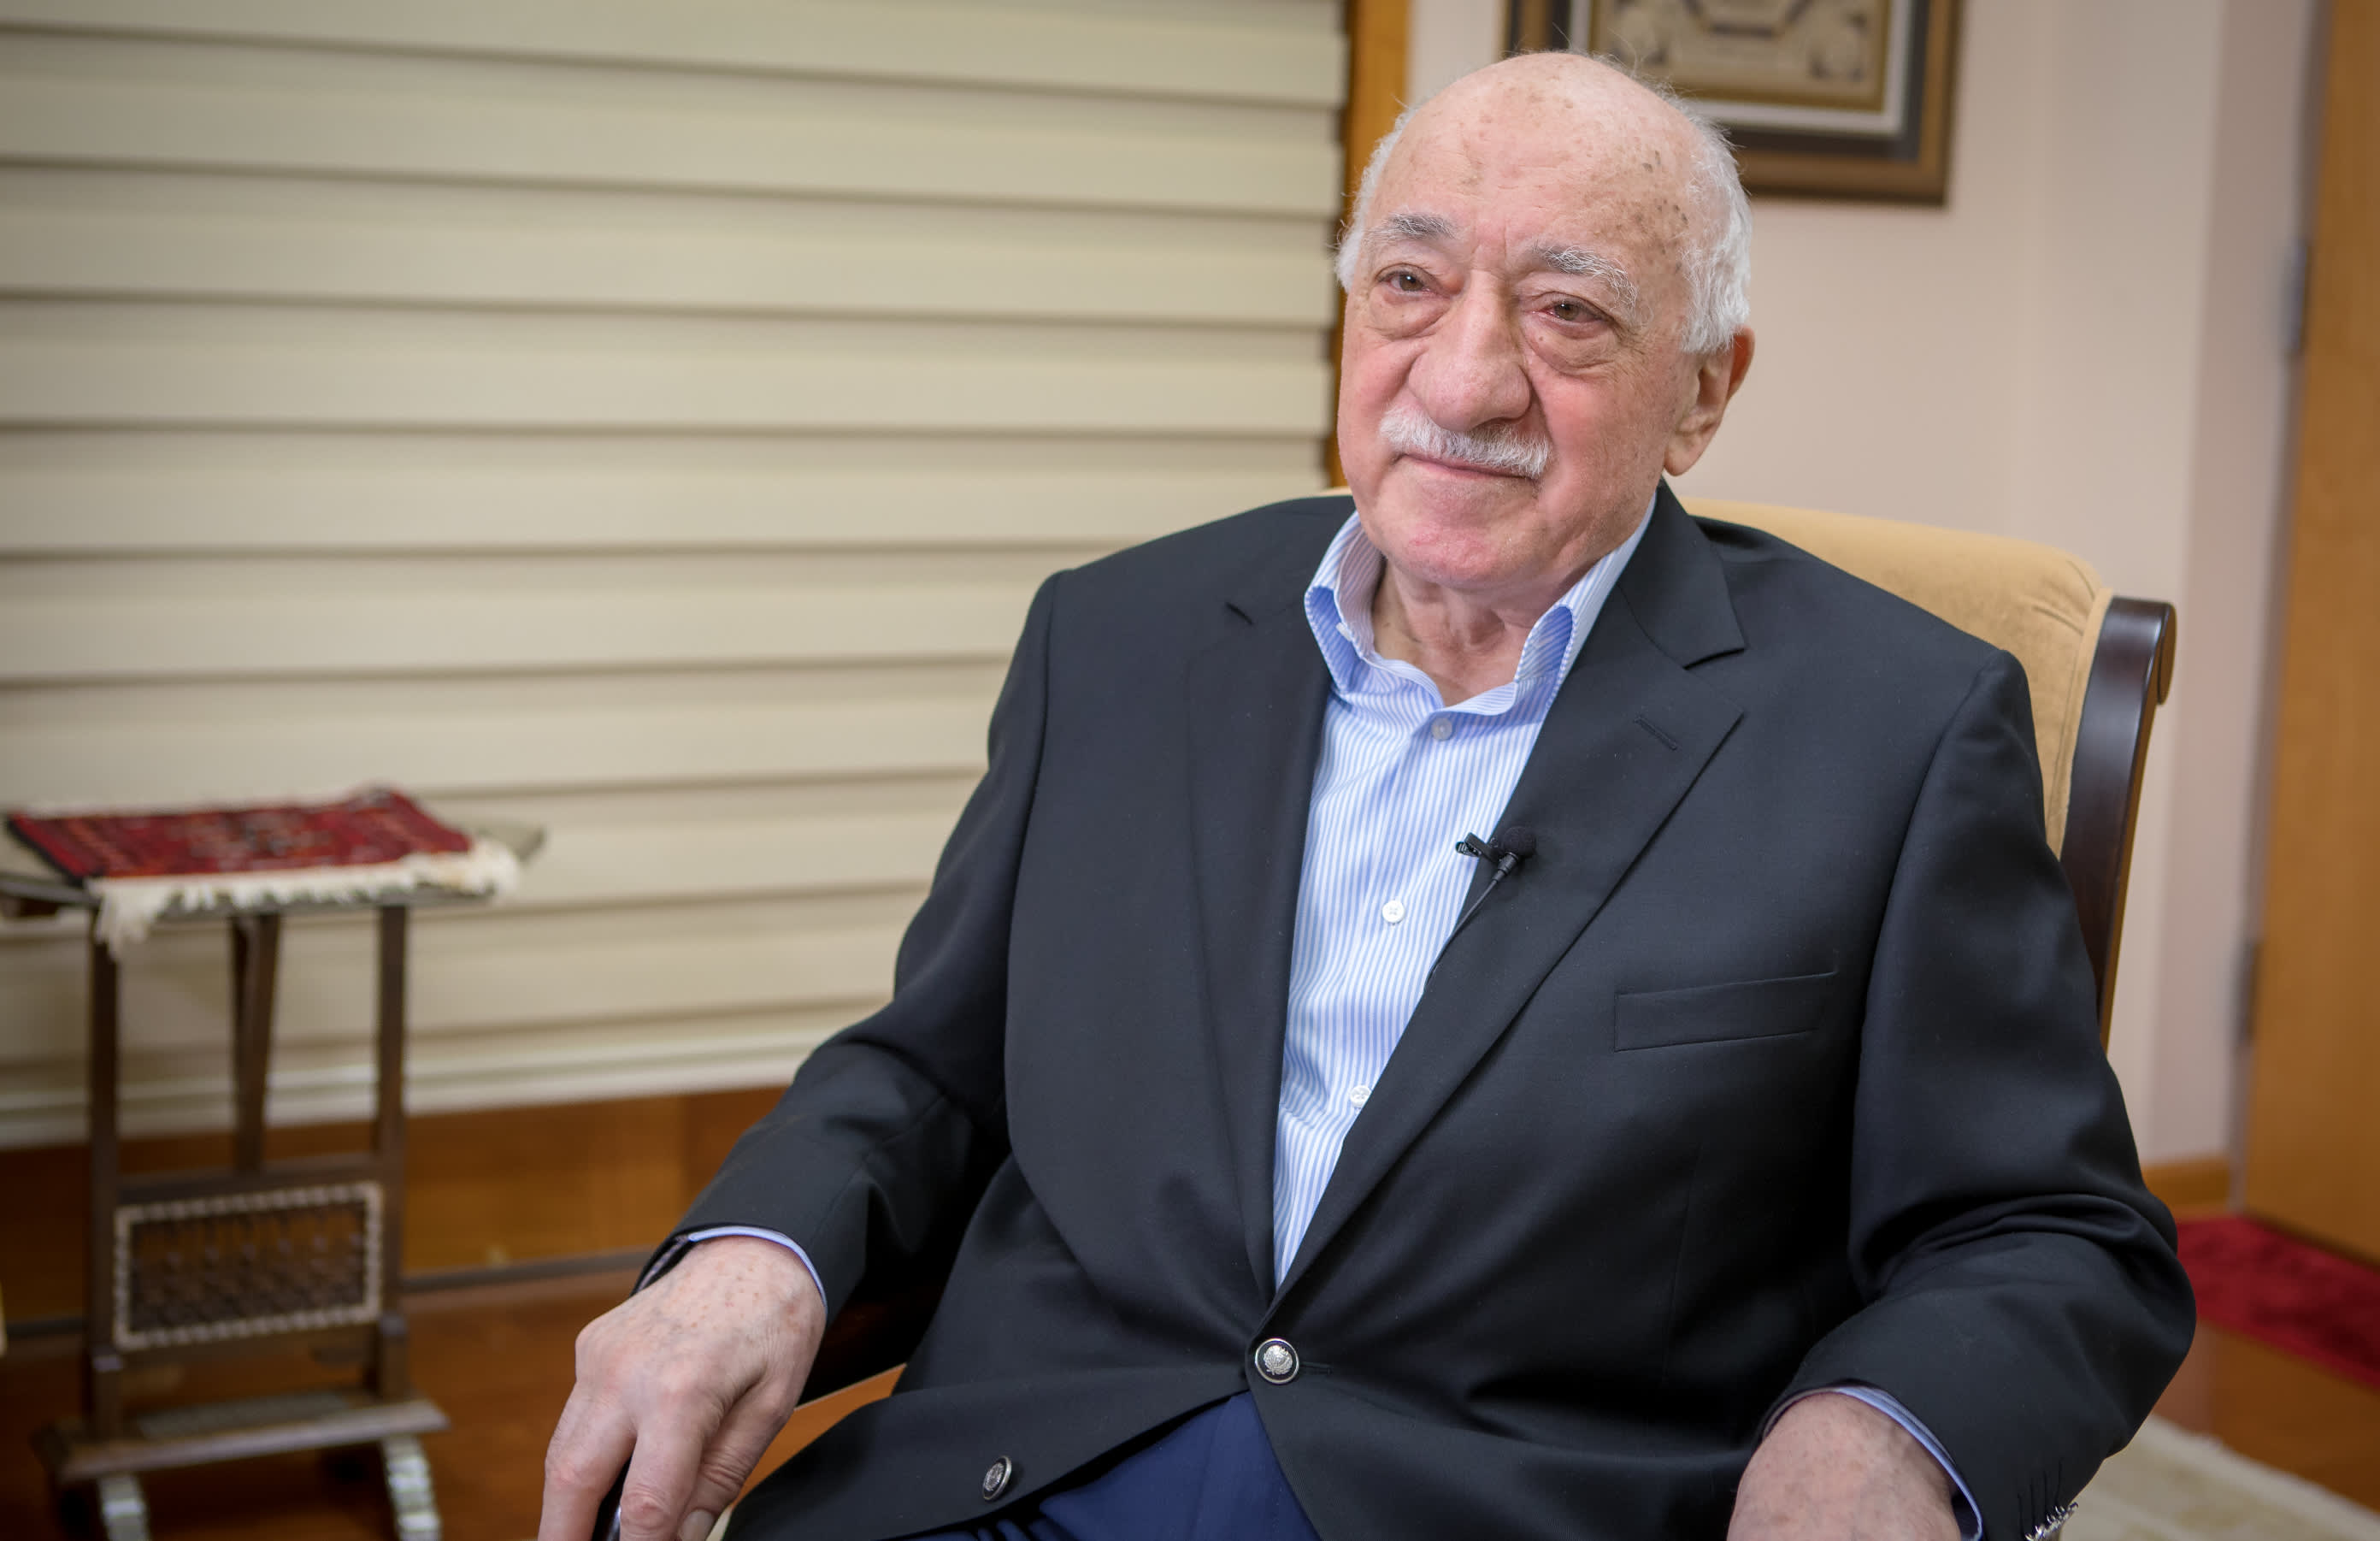 Fethullah Gülen kiistää syytökset osallistuudestaan vuoden 2016 vallankaappaukseen.